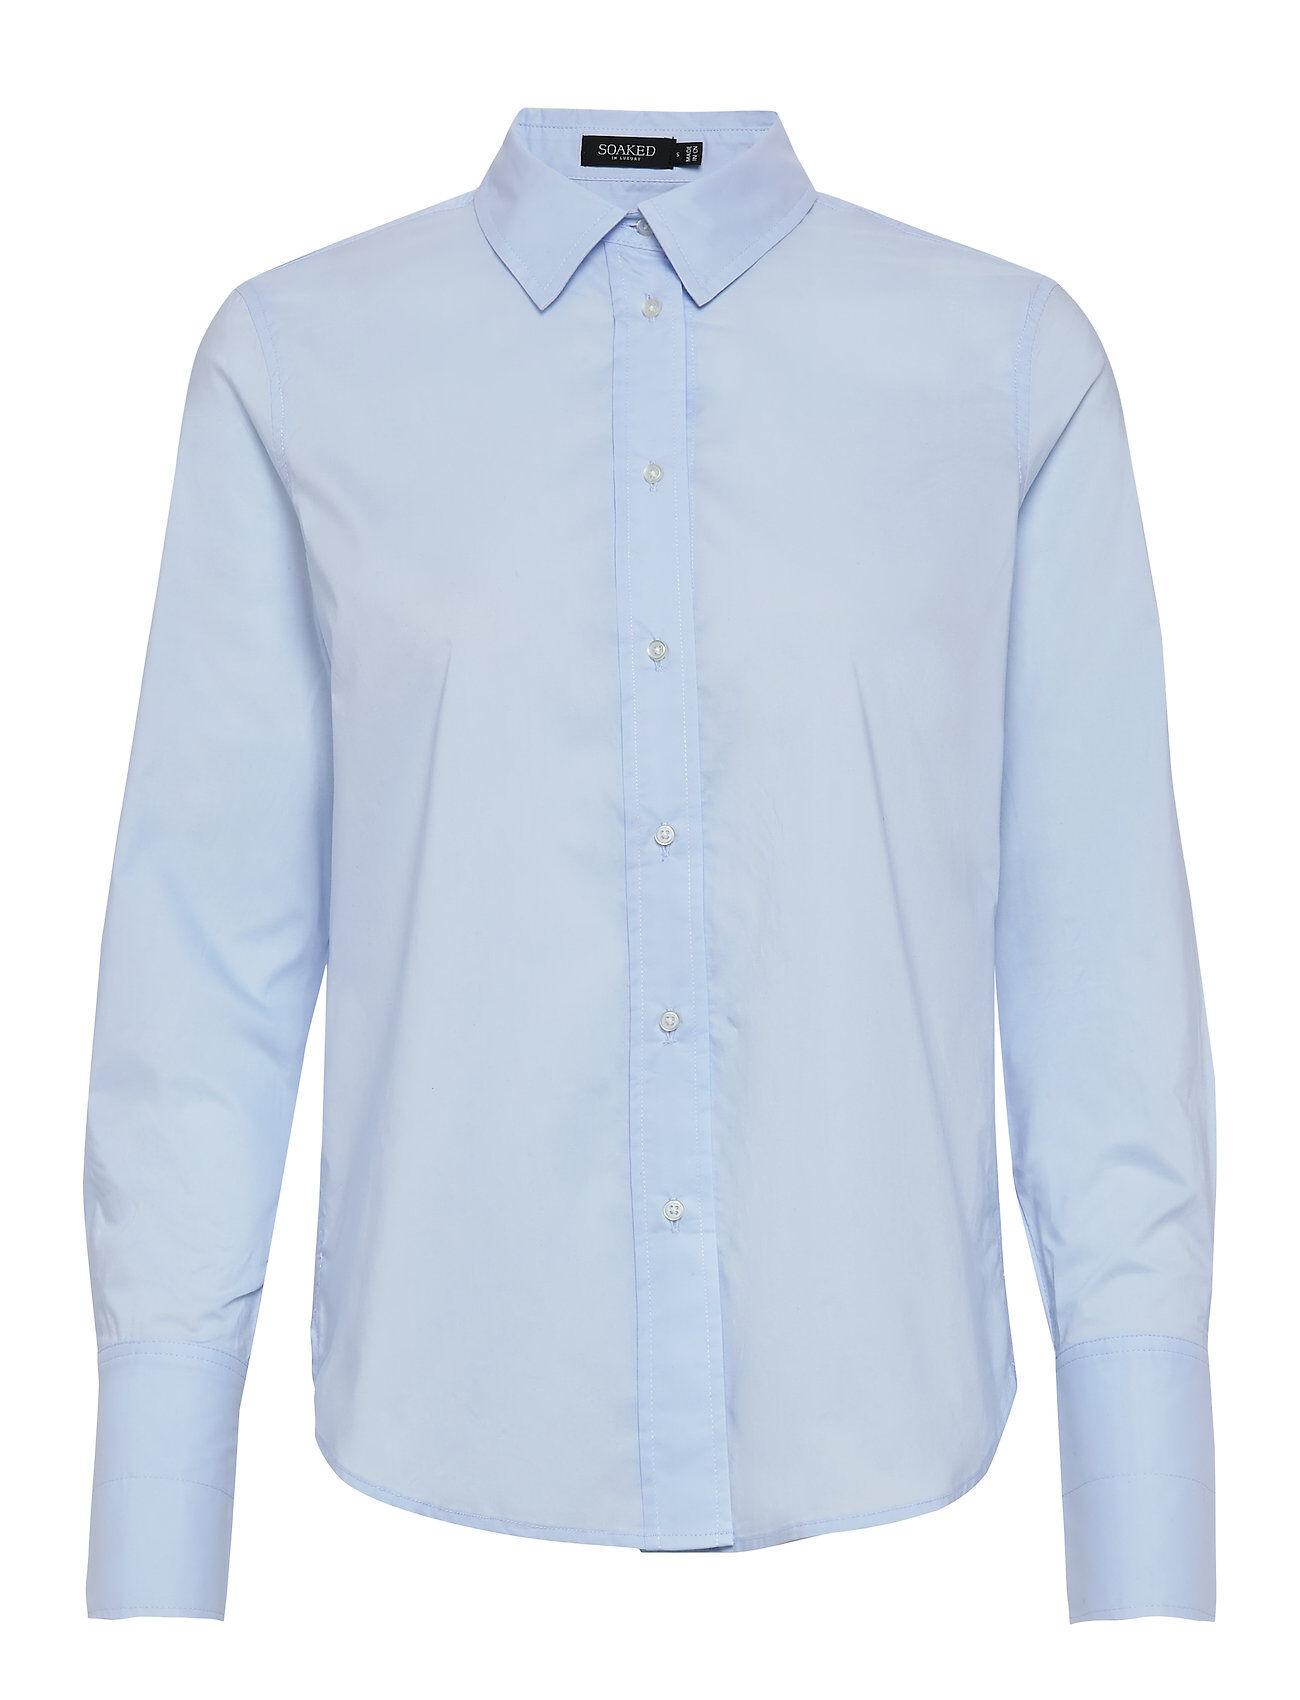 Soaked in Luxury Slpaper Shirt Ls Pitkähihainen Paita Sininen Soaked In Luxury